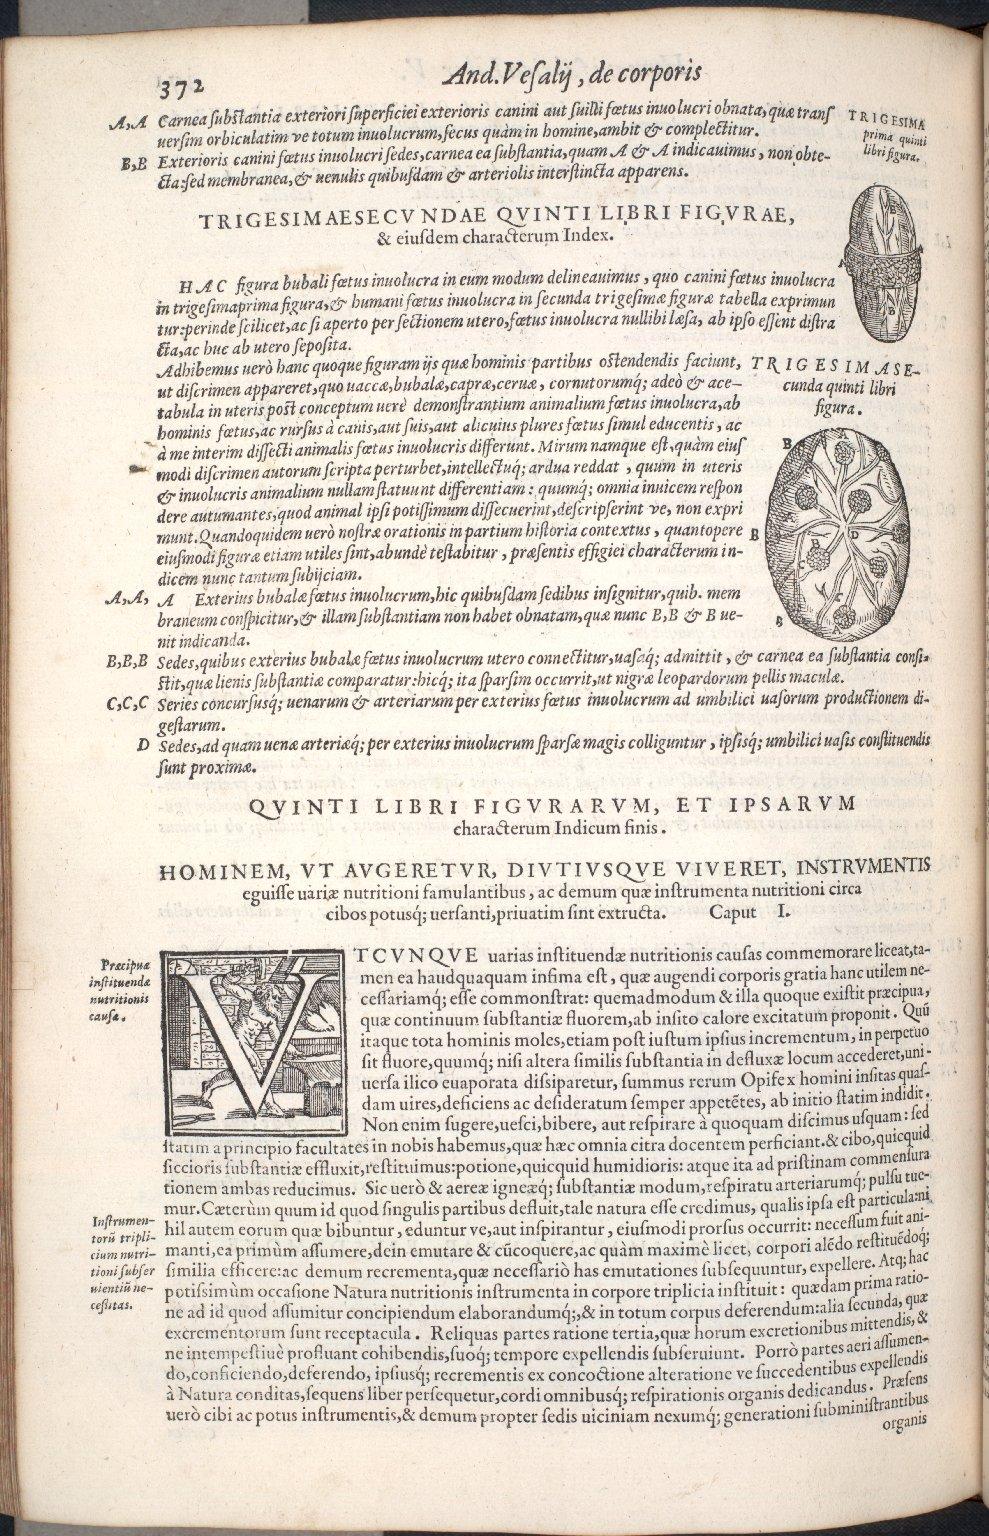 Trigesimaprima Quinti Libri Figura. Trigesimasecunda Quinti Libri Figura